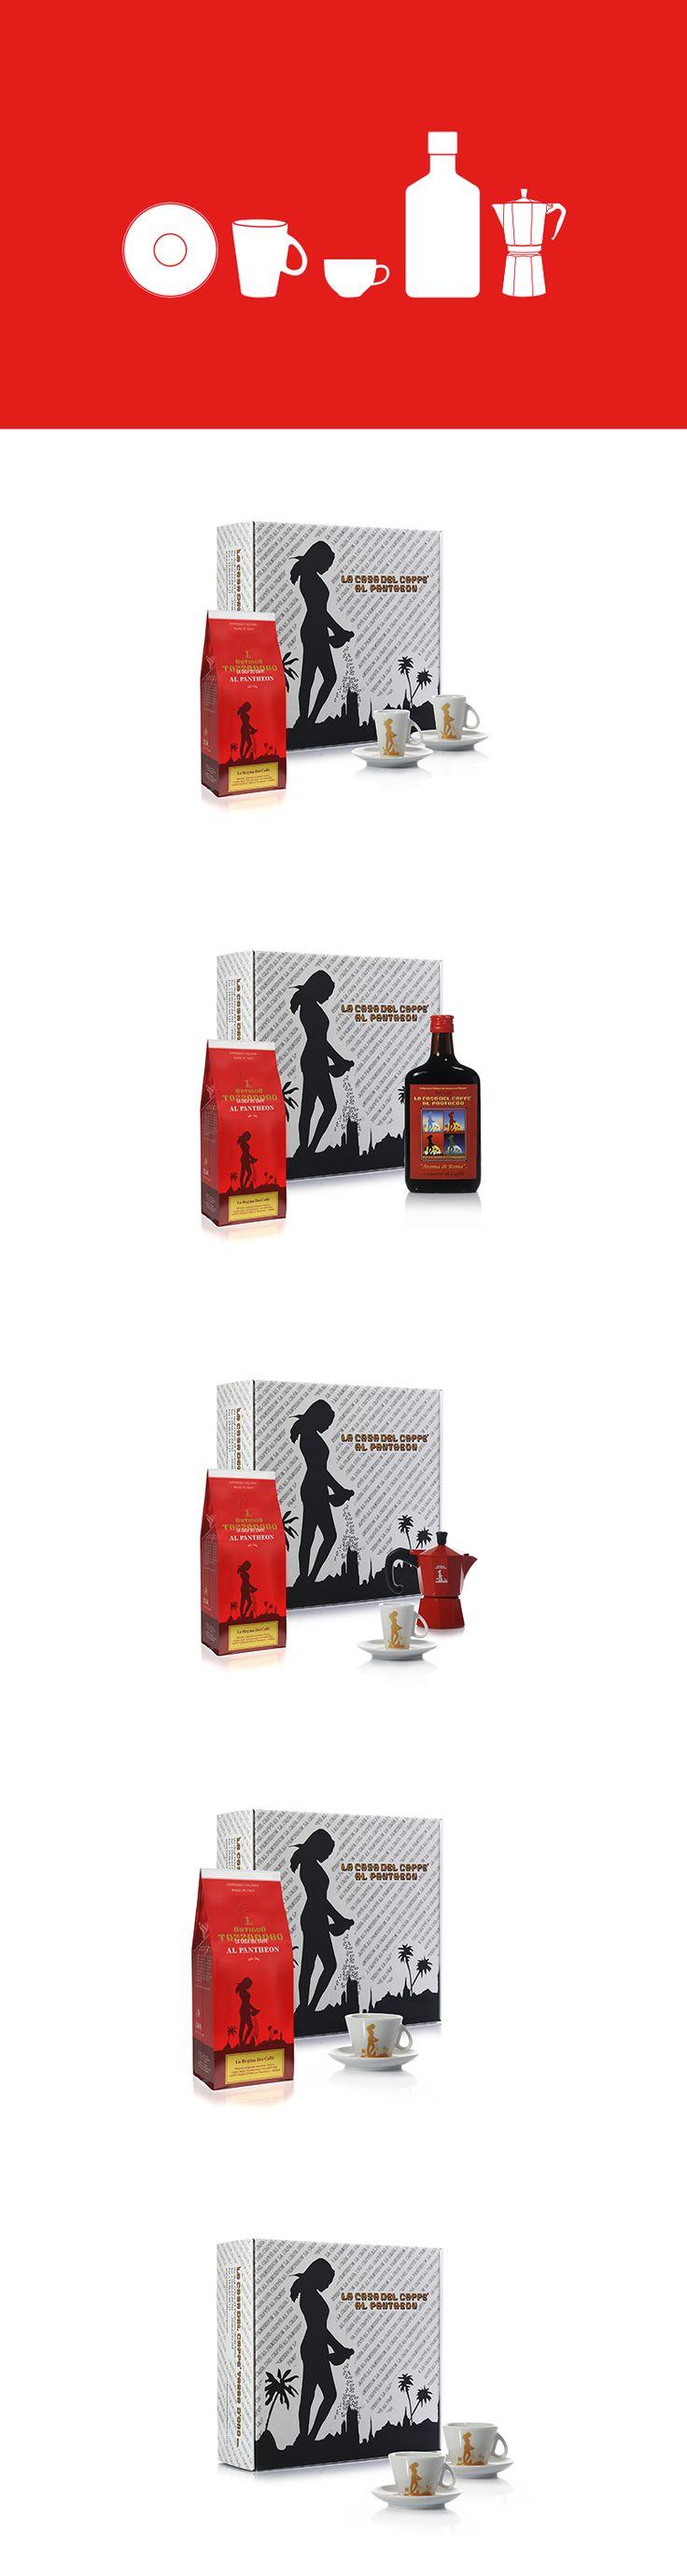 Progettazione ed ideazione delle confezioni regalo della torrefazione Antigua Tazza D'oro e delle fustelle personalizzate. #packaging #gift #edition